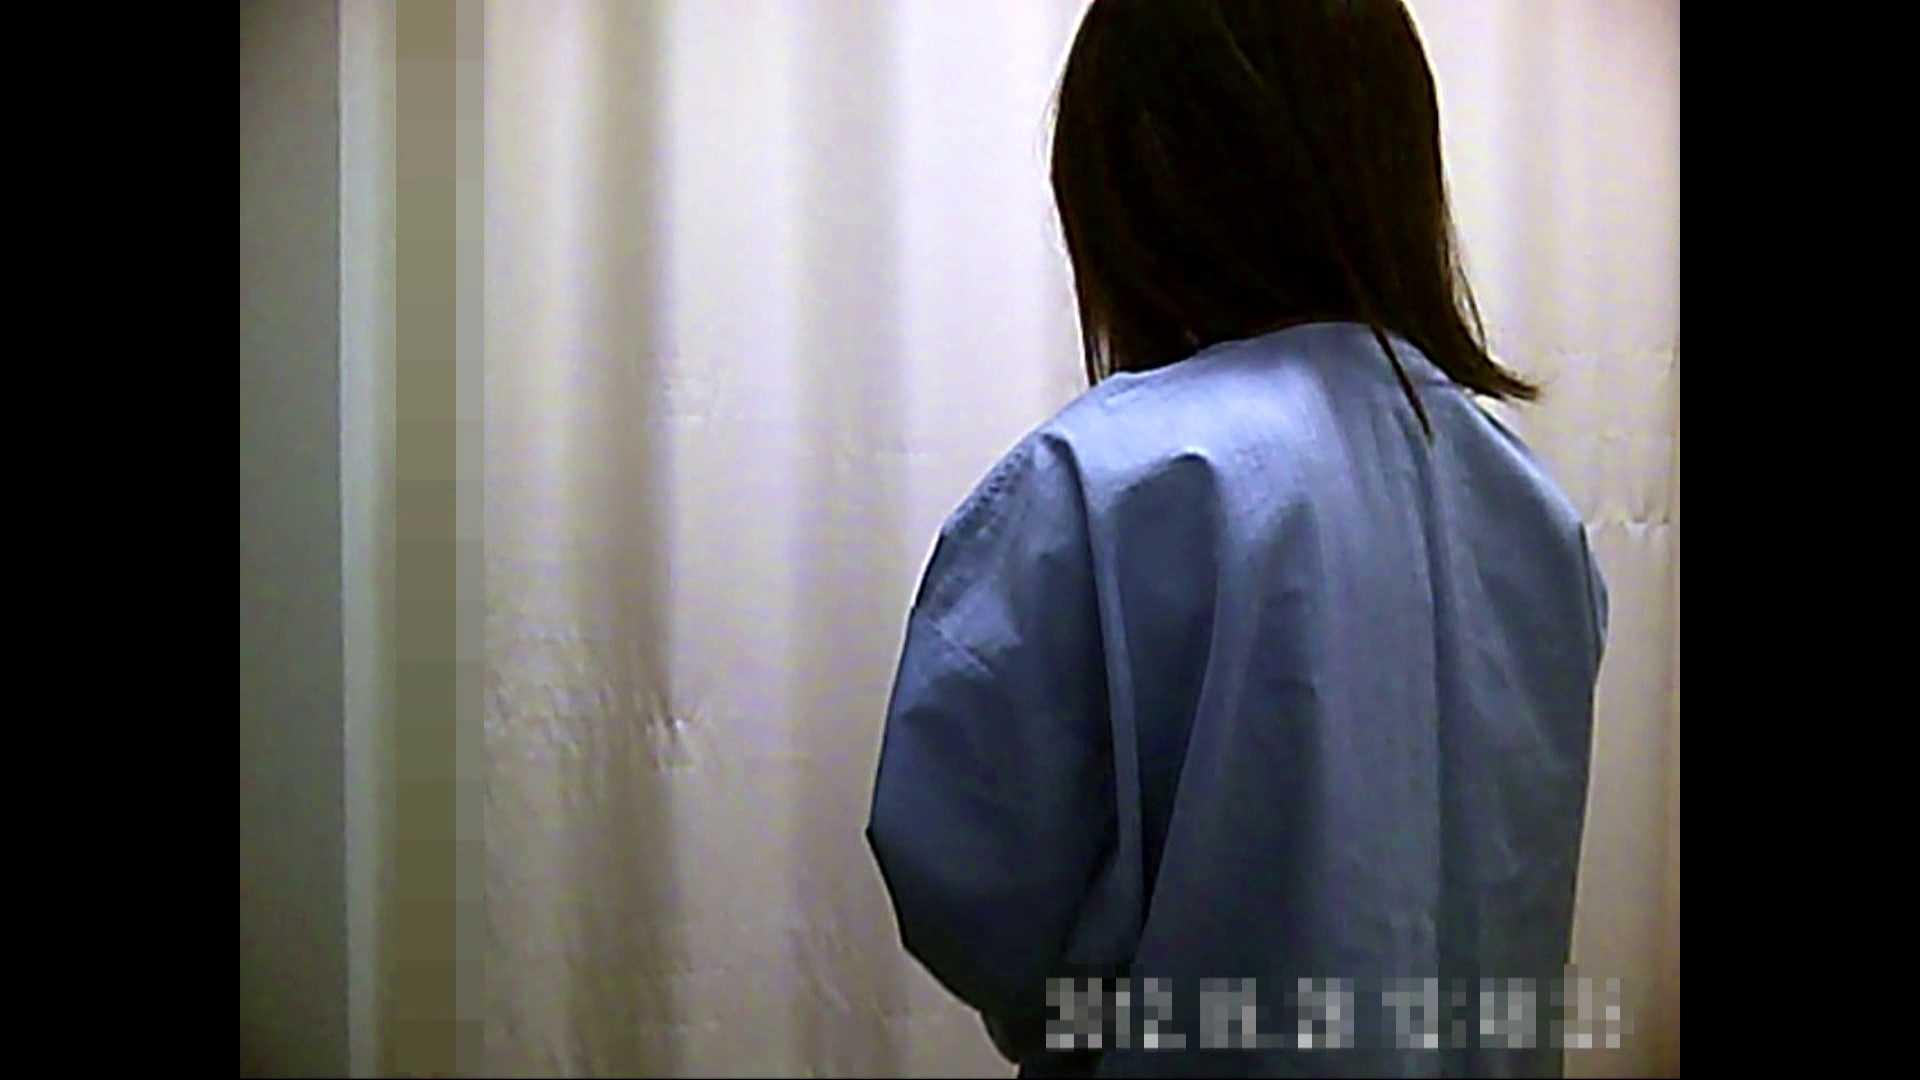 元医者による反抗 更衣室地獄絵巻 vol.072 OLハメ撮り  68Pix 32